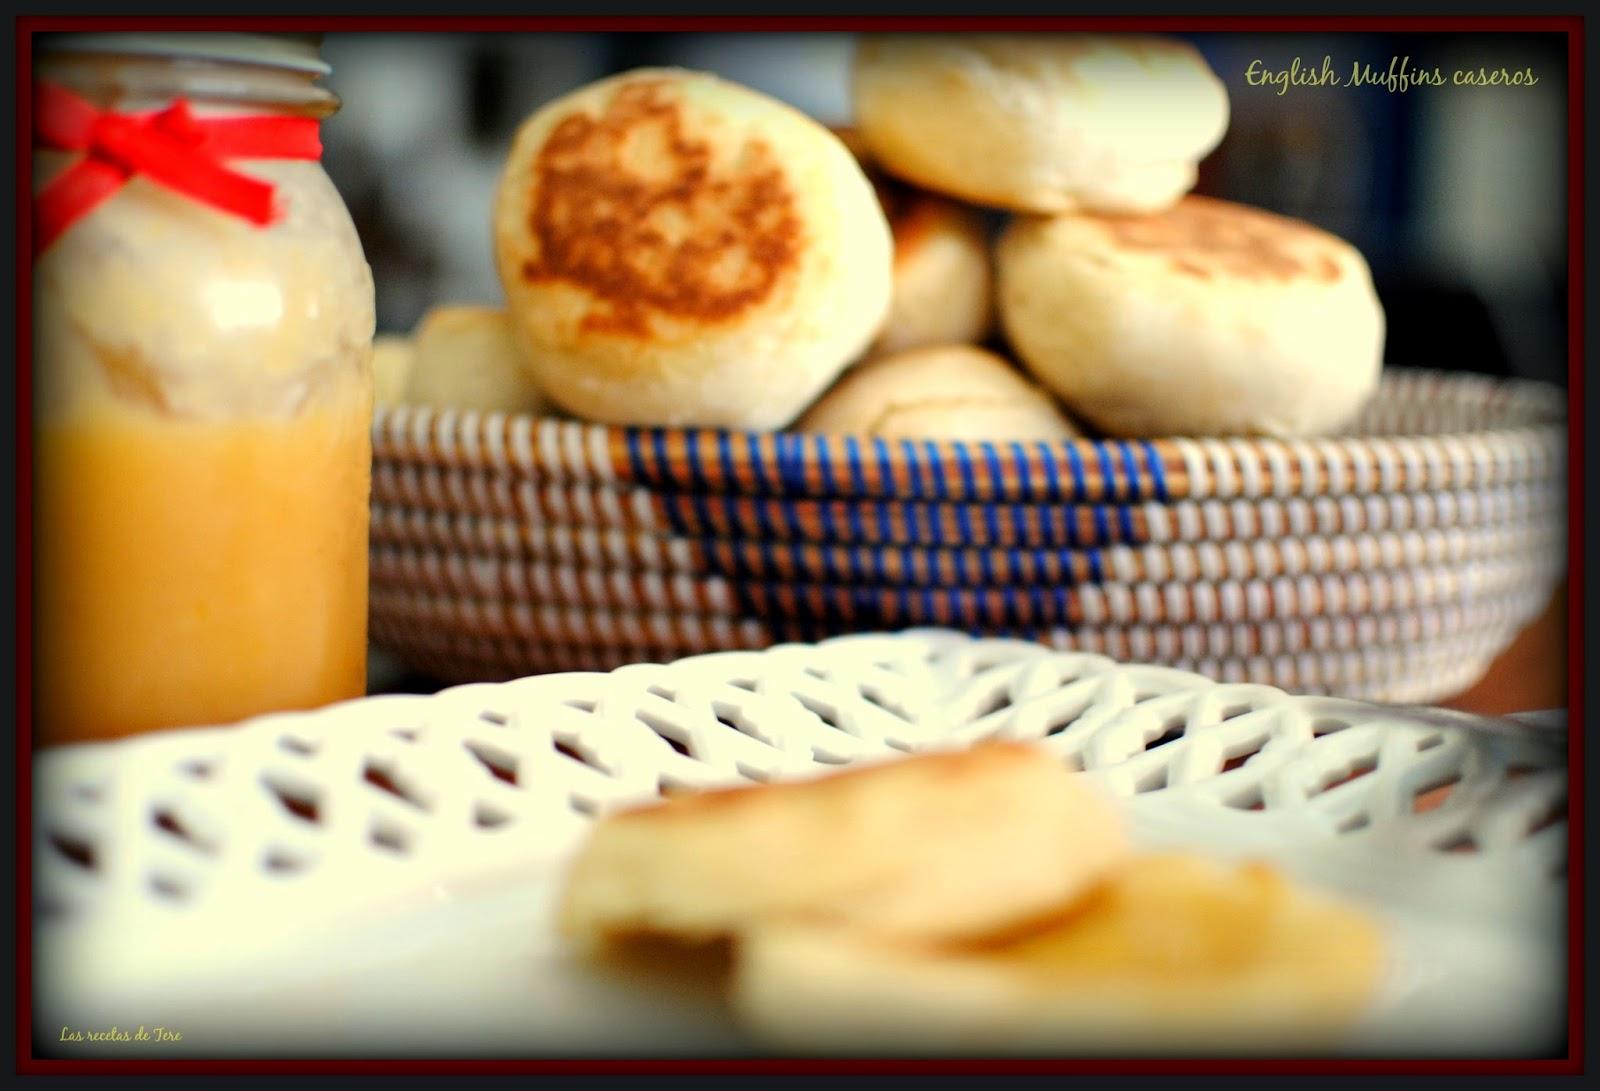 deliciosos english muffins caseros 04